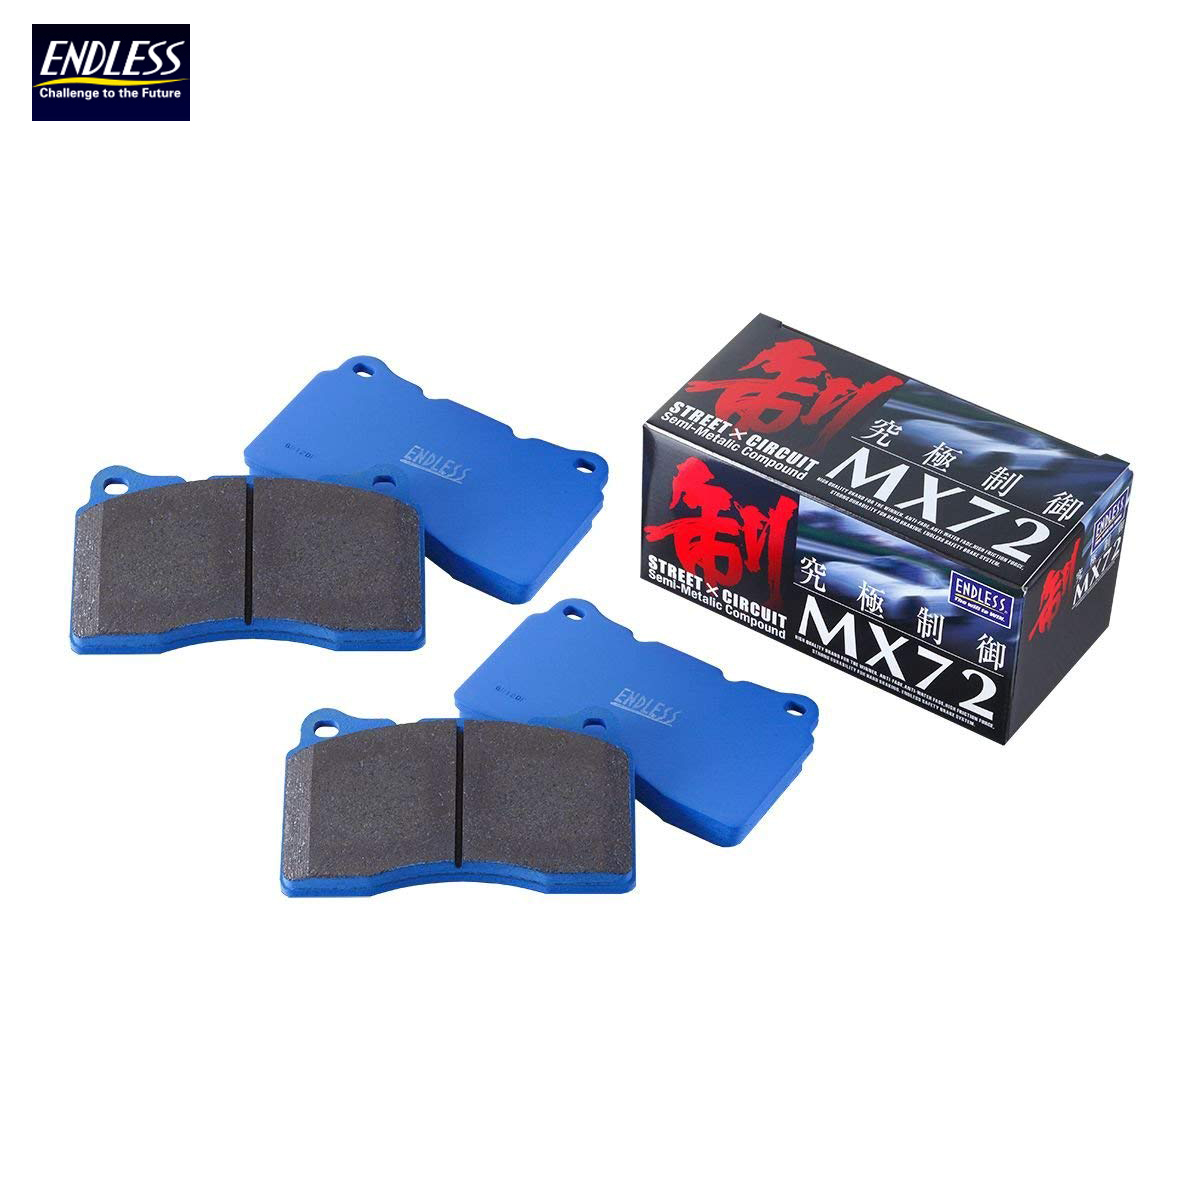 ENDLESS エンドレス ブレーキパッド MX72セット フロント EP404 リア EP397 ウィッシュ ZNE10G 14G 4輪ディスク